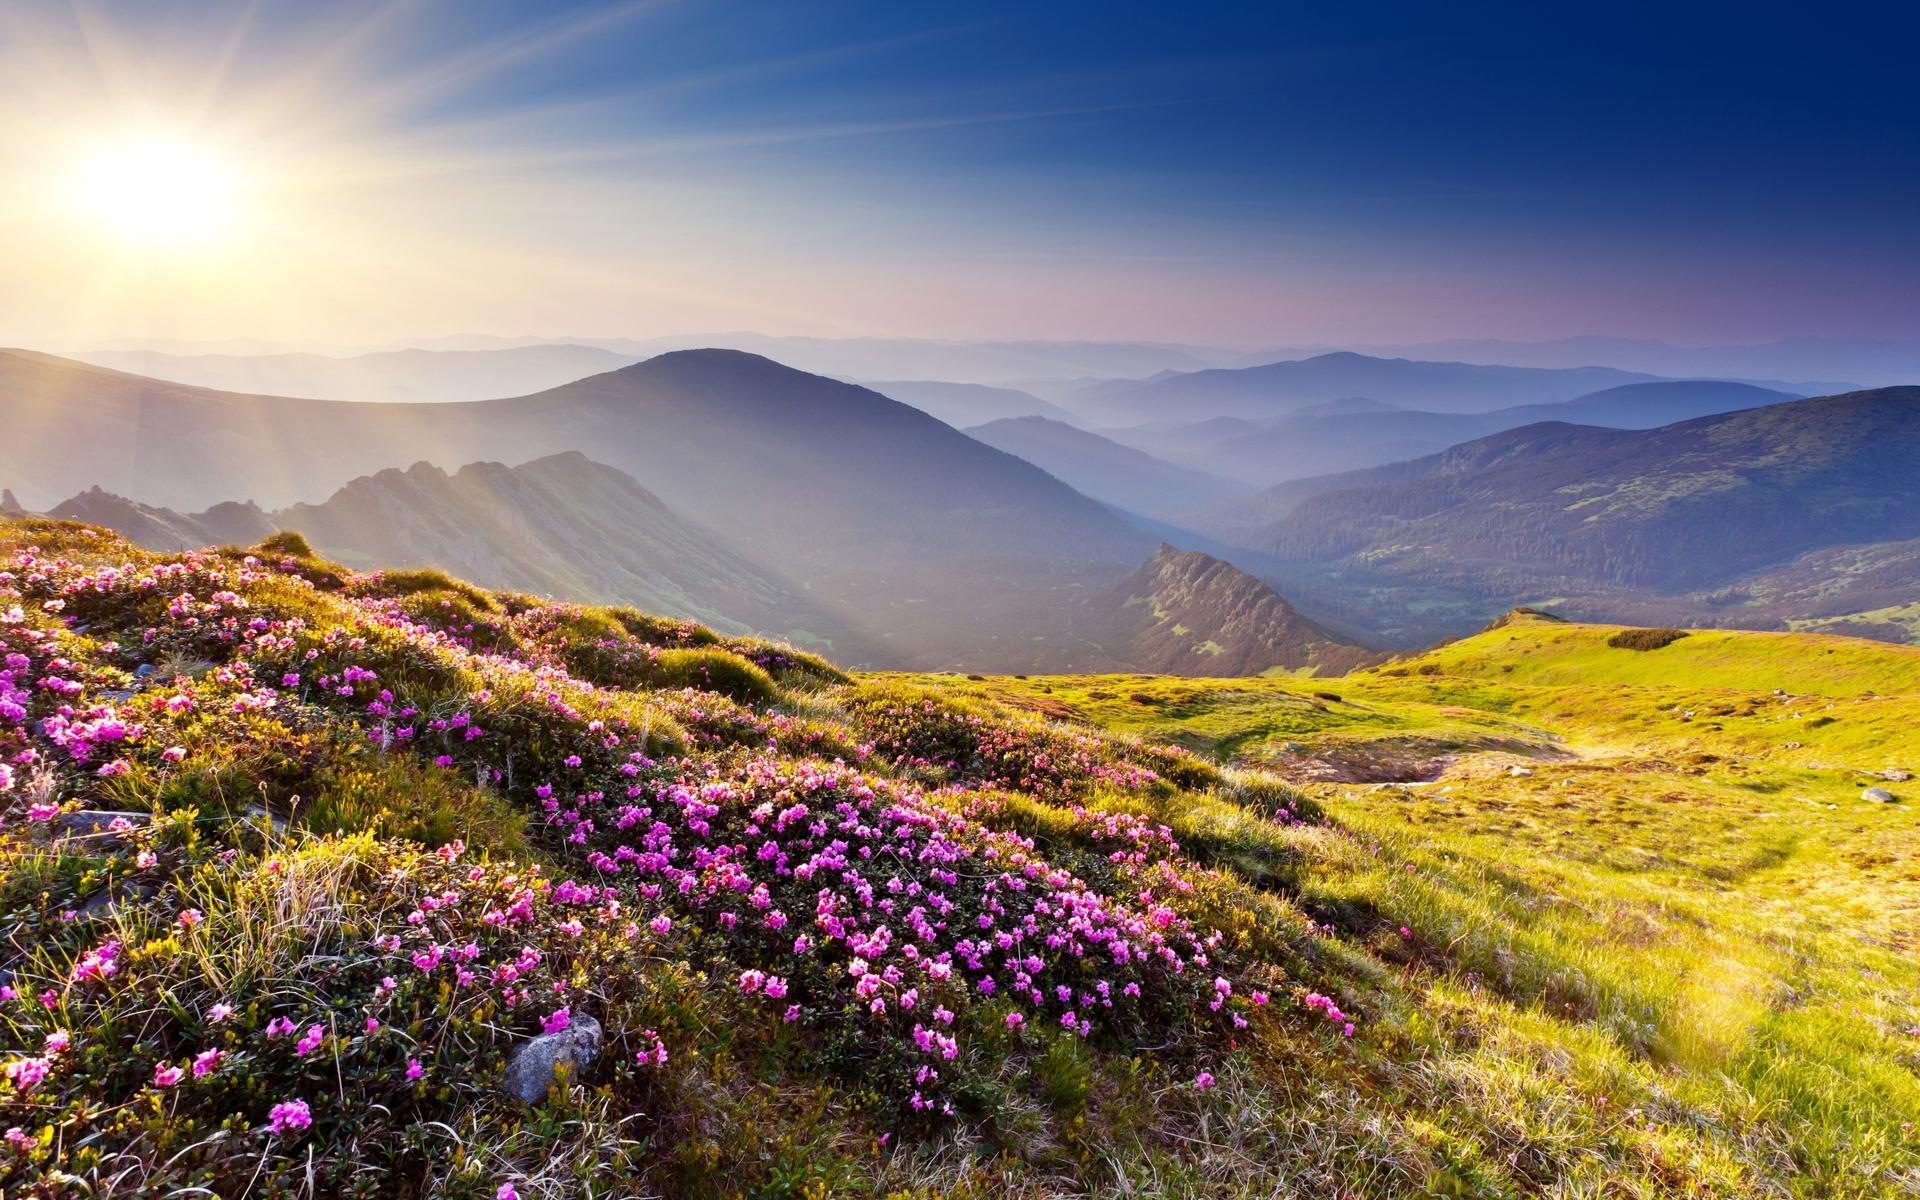 поляна цветы трава холмы горы glade flowers grass hills mountains  № 1829238 без смс